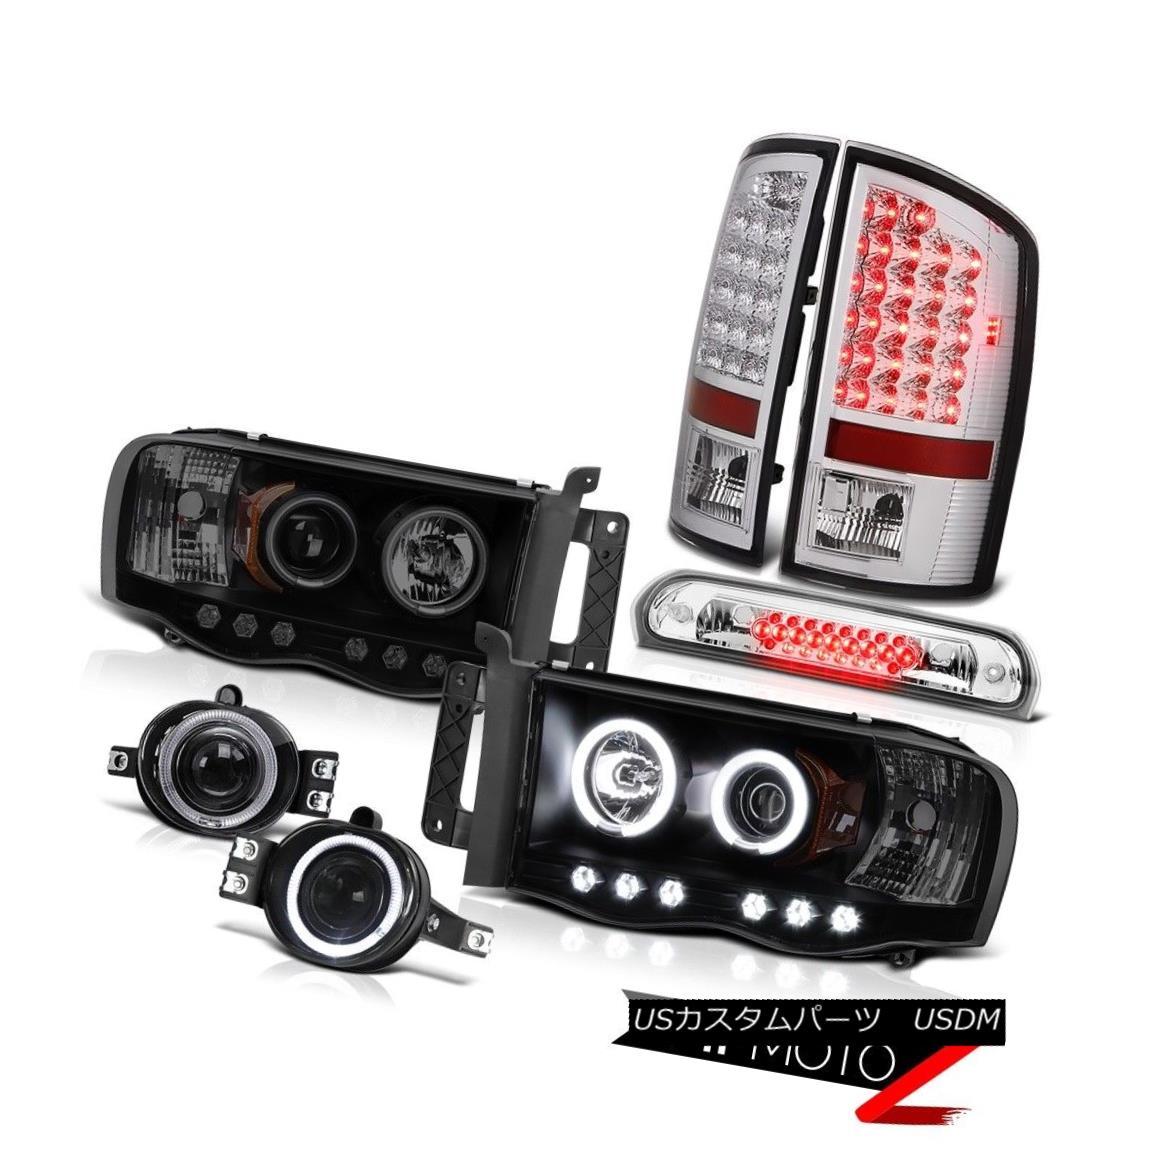 テールライト 2002-2005 Ram CCFL Angel Eye Headlight LED Tail Lights Projector Fog High Brake 2002-2005 Ram CCFLエンジェルアイヘッドライトLEDテールライトプロジェクターフォグハイブレーキ